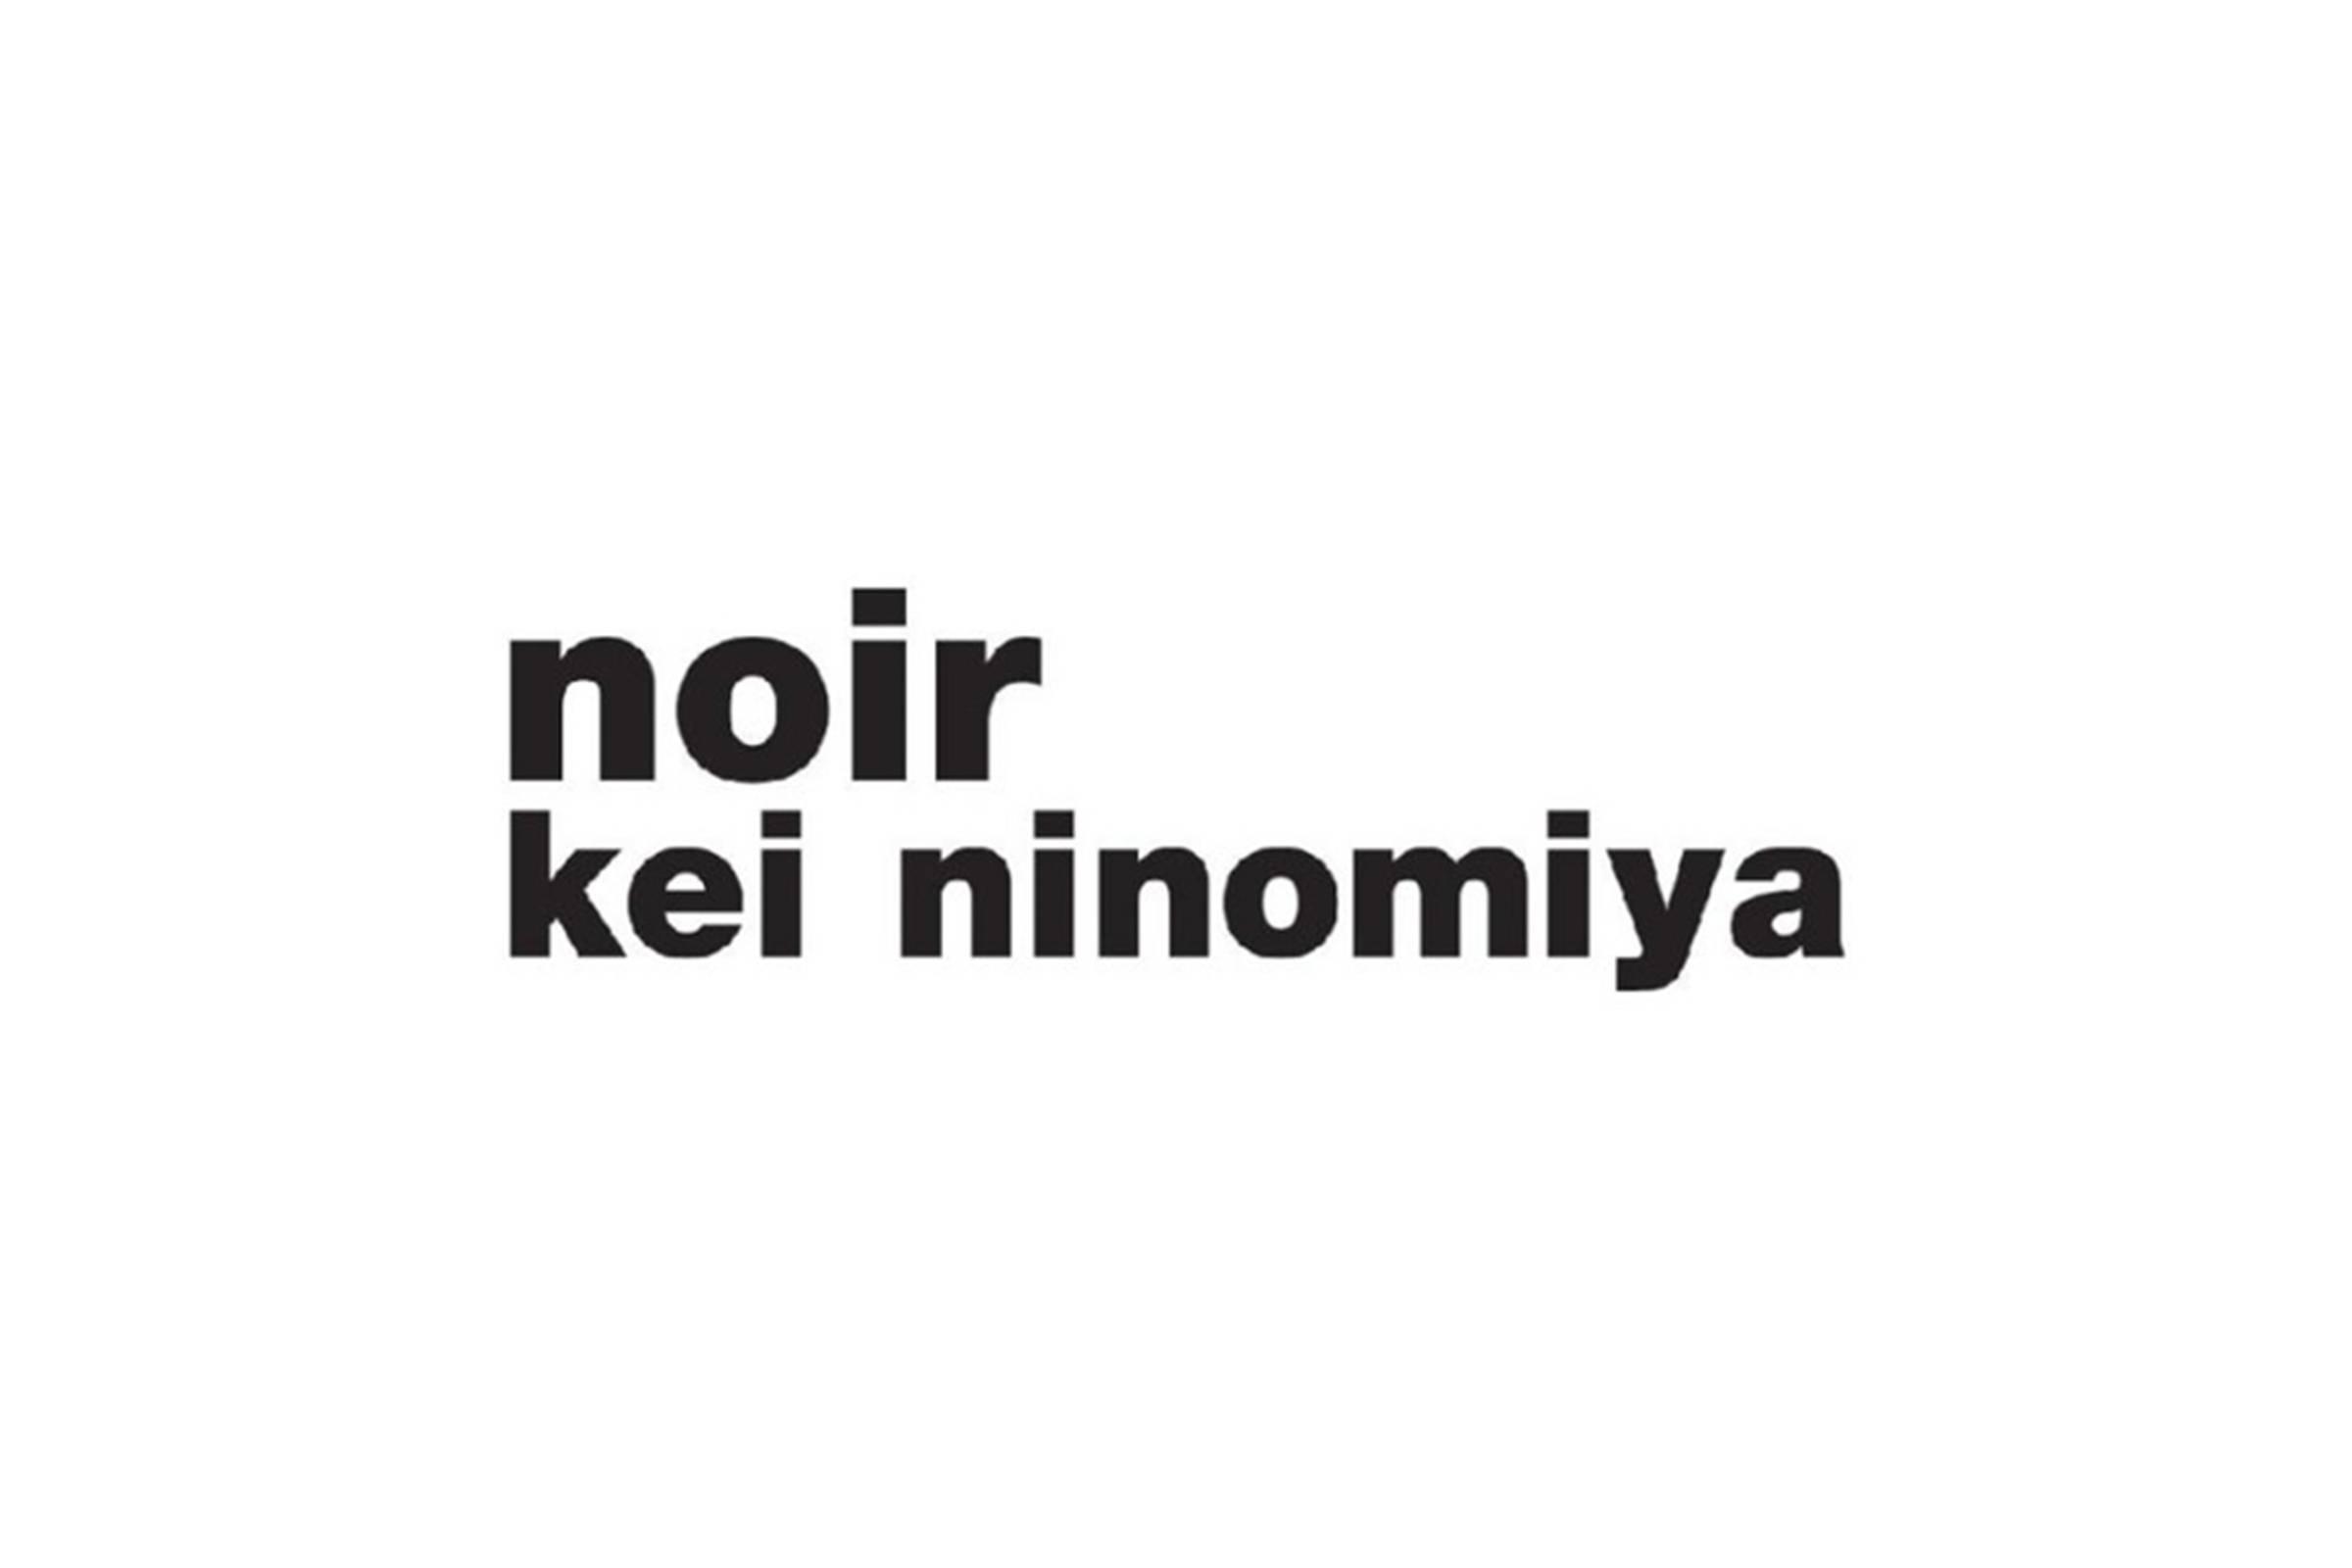 Noir Kei Minomiya